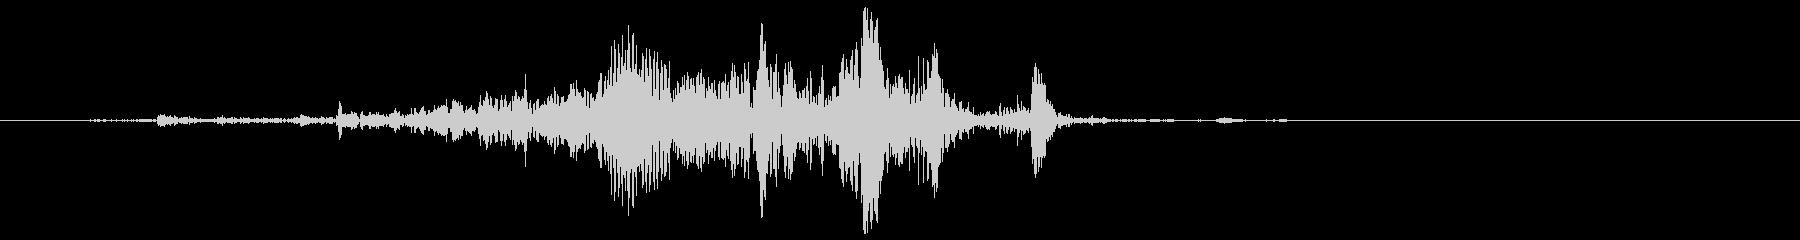 ラージゴールドコインポーチ:ムーブ...の未再生の波形